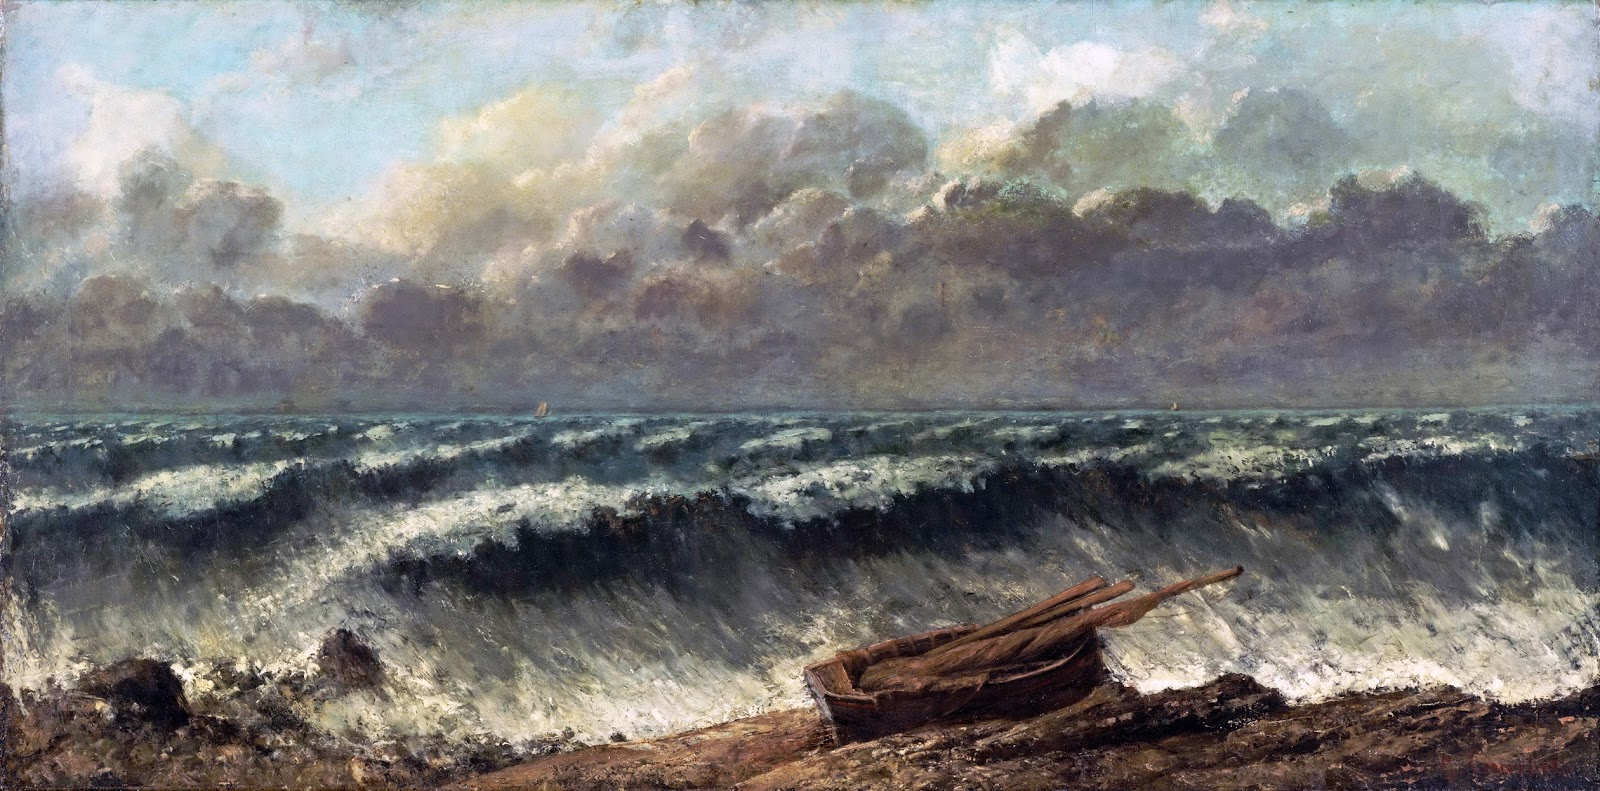 Peinture Française du 19ème Siècle: Gustave Courbet (1869)